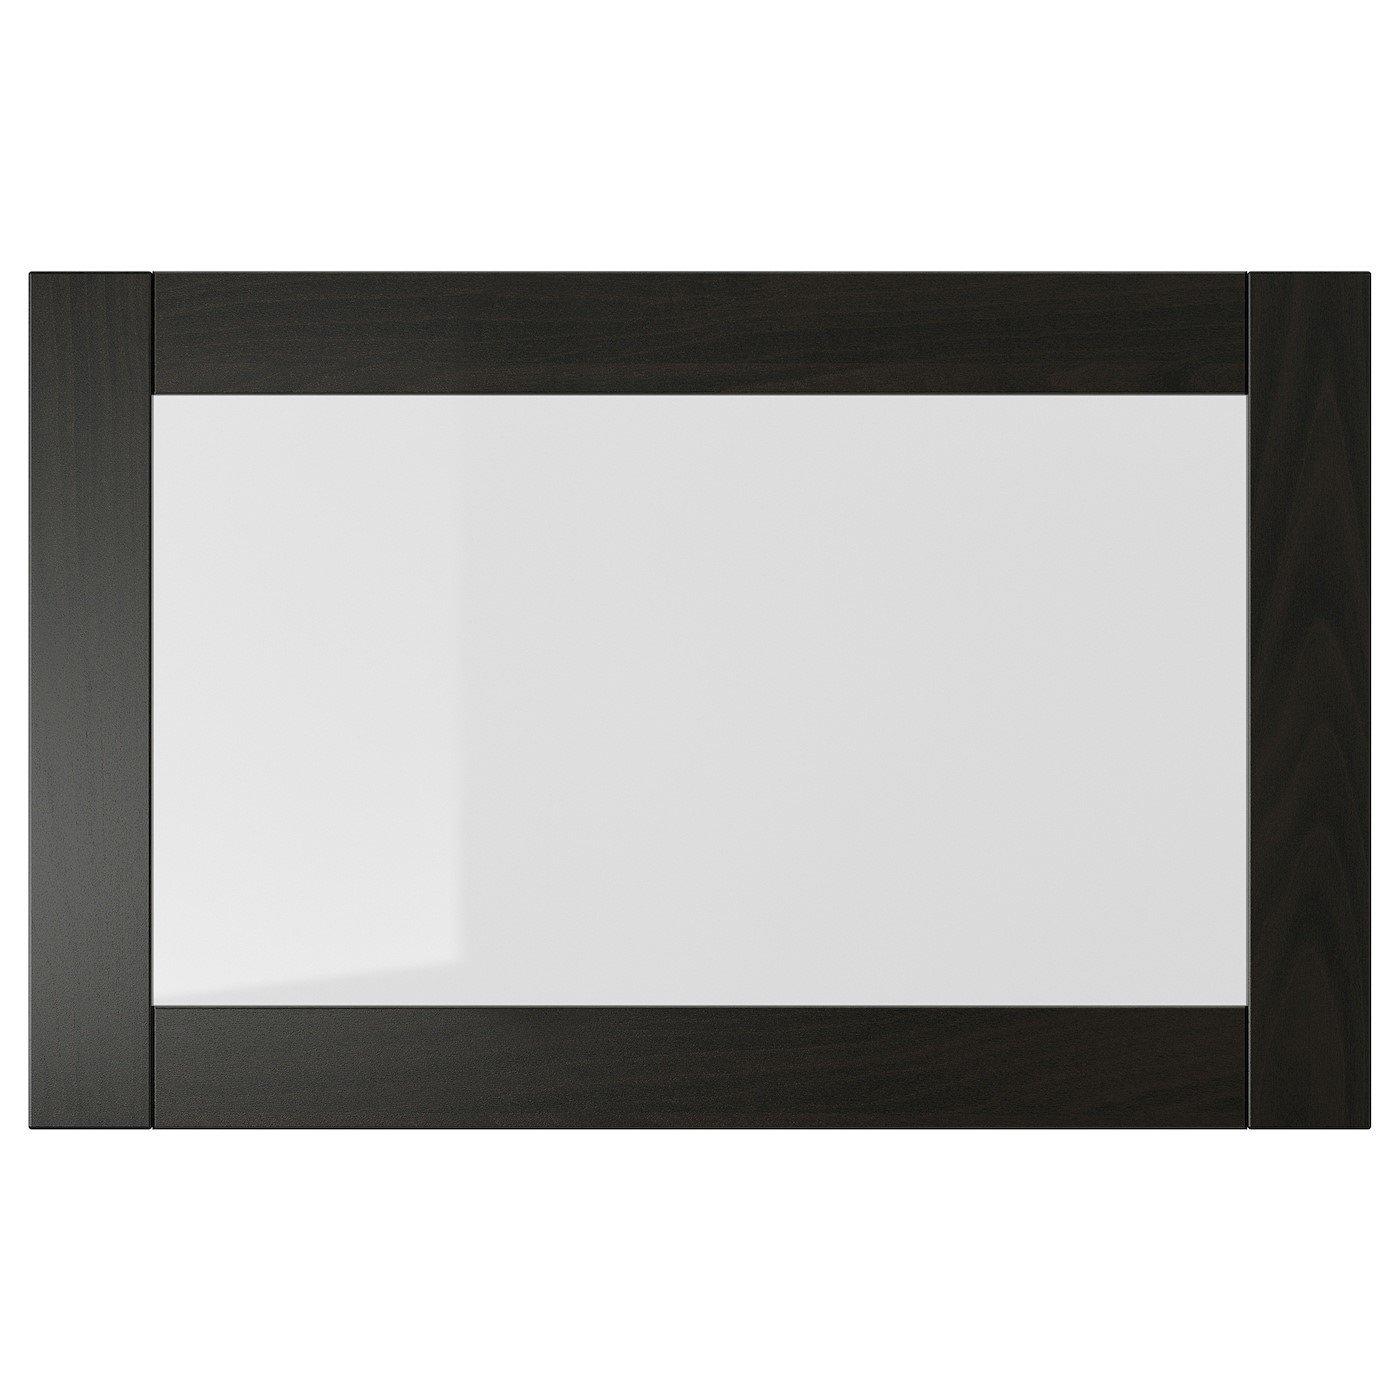 IKEA SINDVIK стеклянная дверь черно-коричневый/прозрачное стекло 60x38 см 40296311